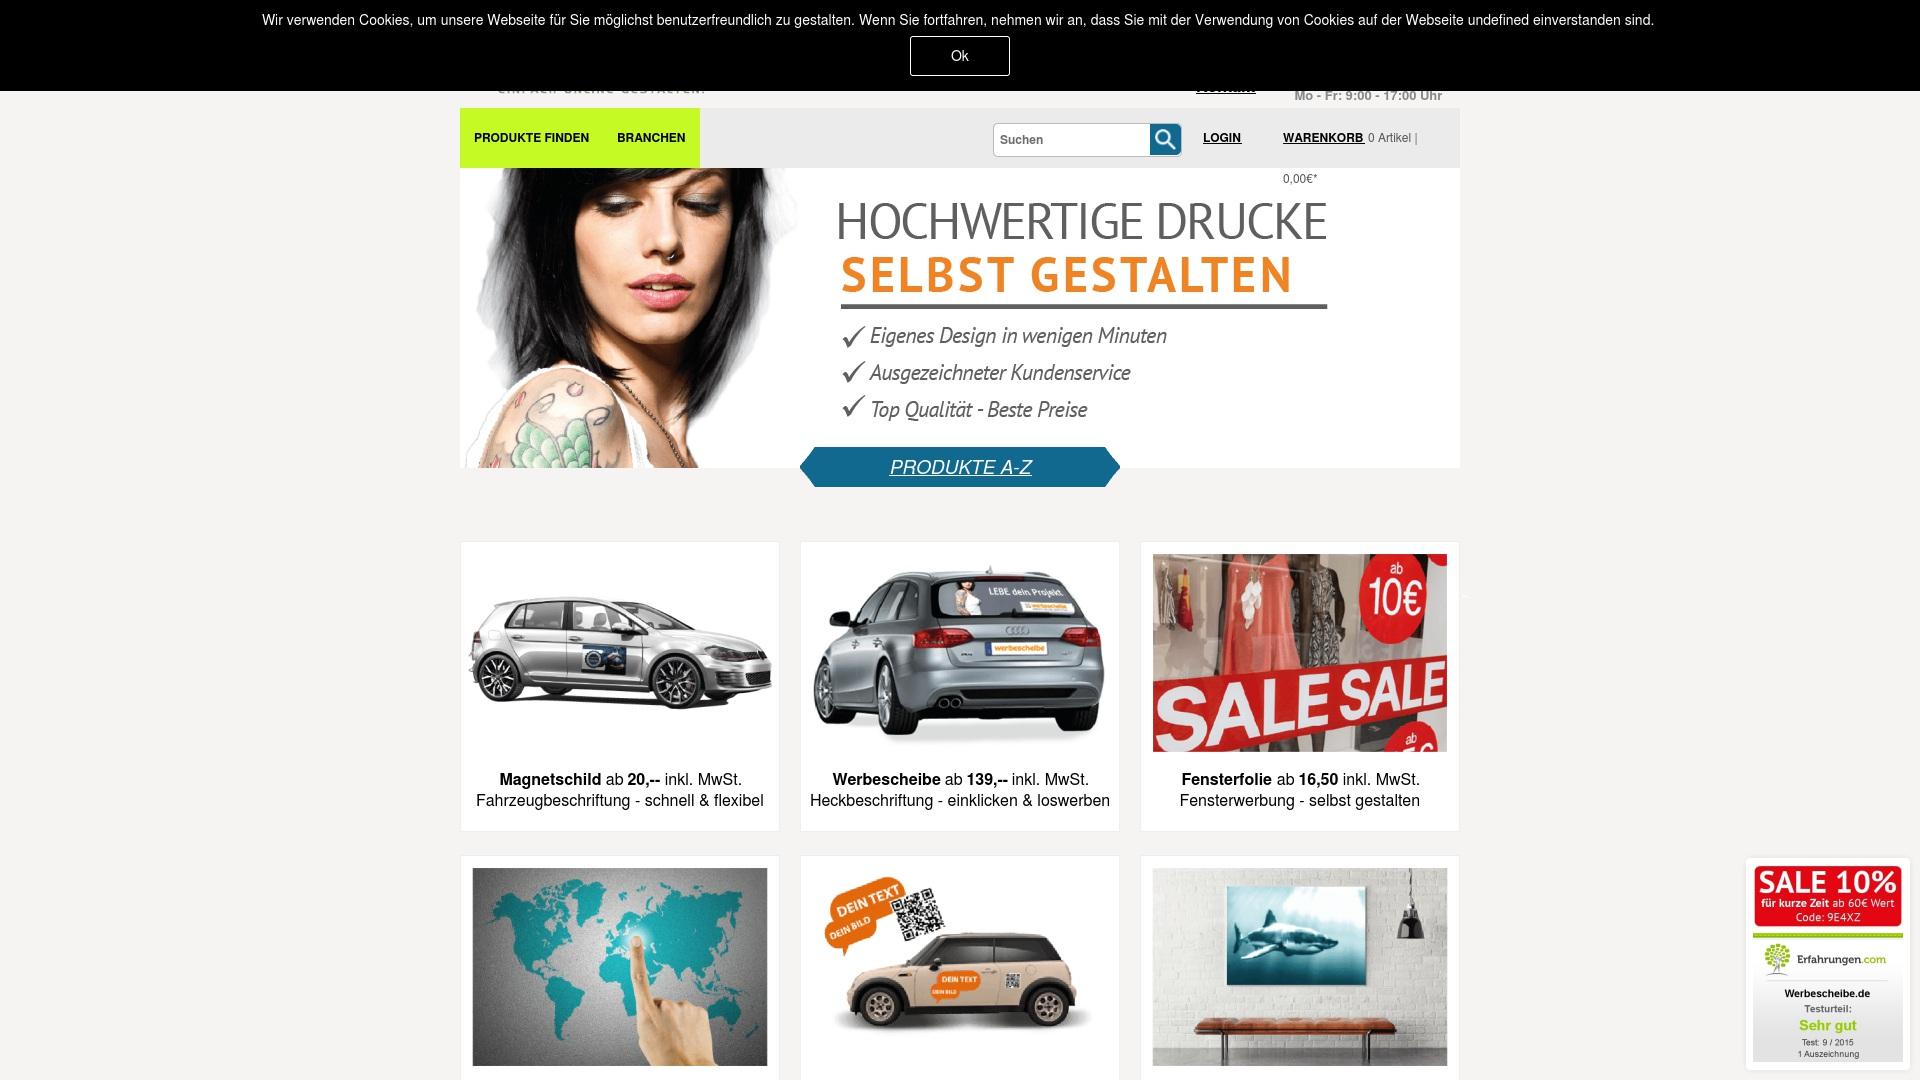 Gutschein für Werbescheibe: Rabatte für  Werbescheibe sichern